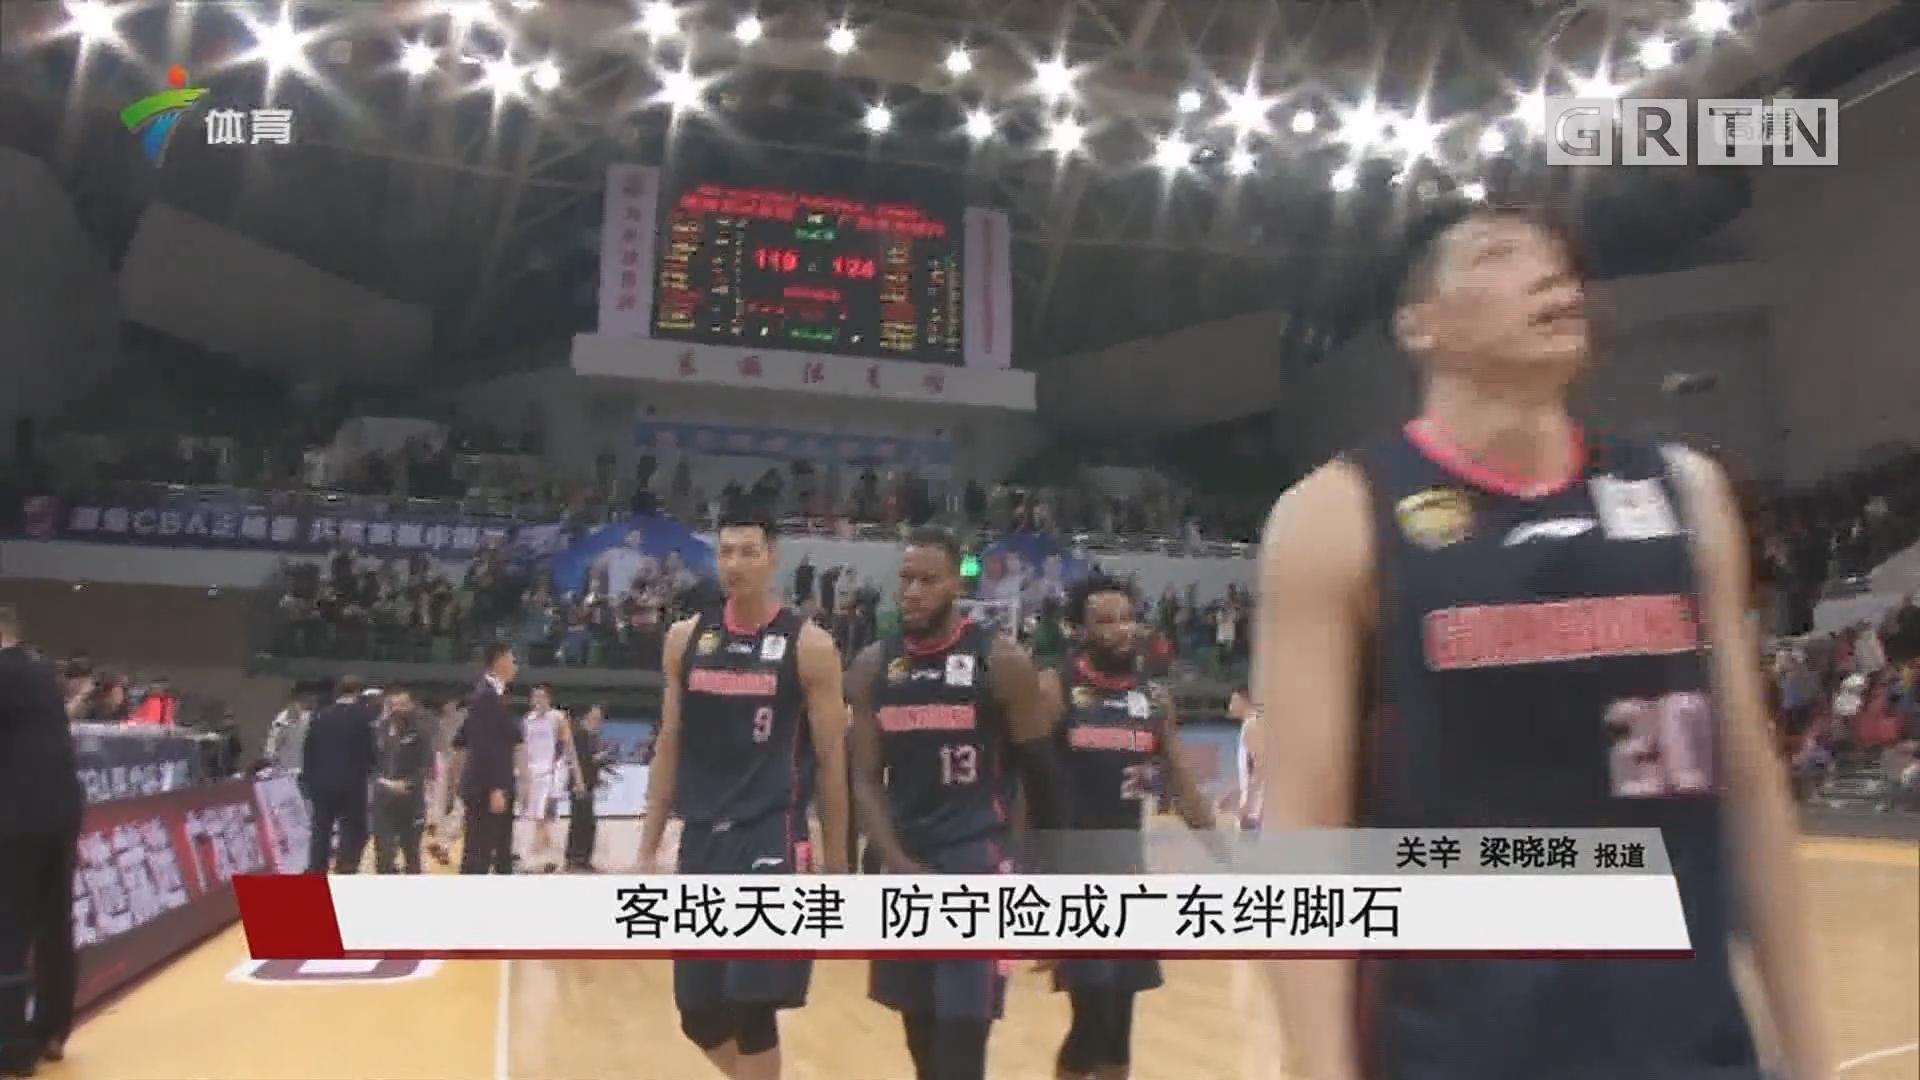 客战天津 防守险成广东绊脚石